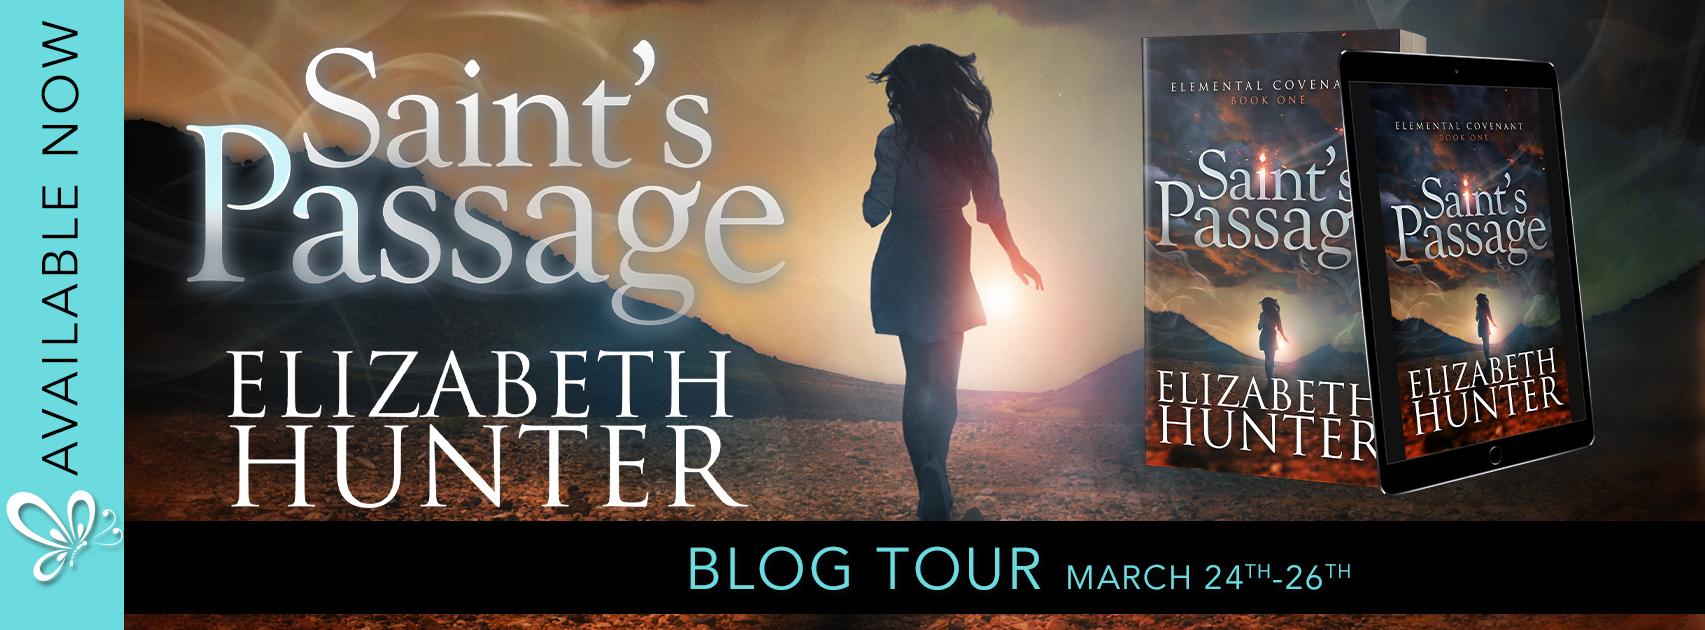 Saint's Passage by Elizabeth Hunter